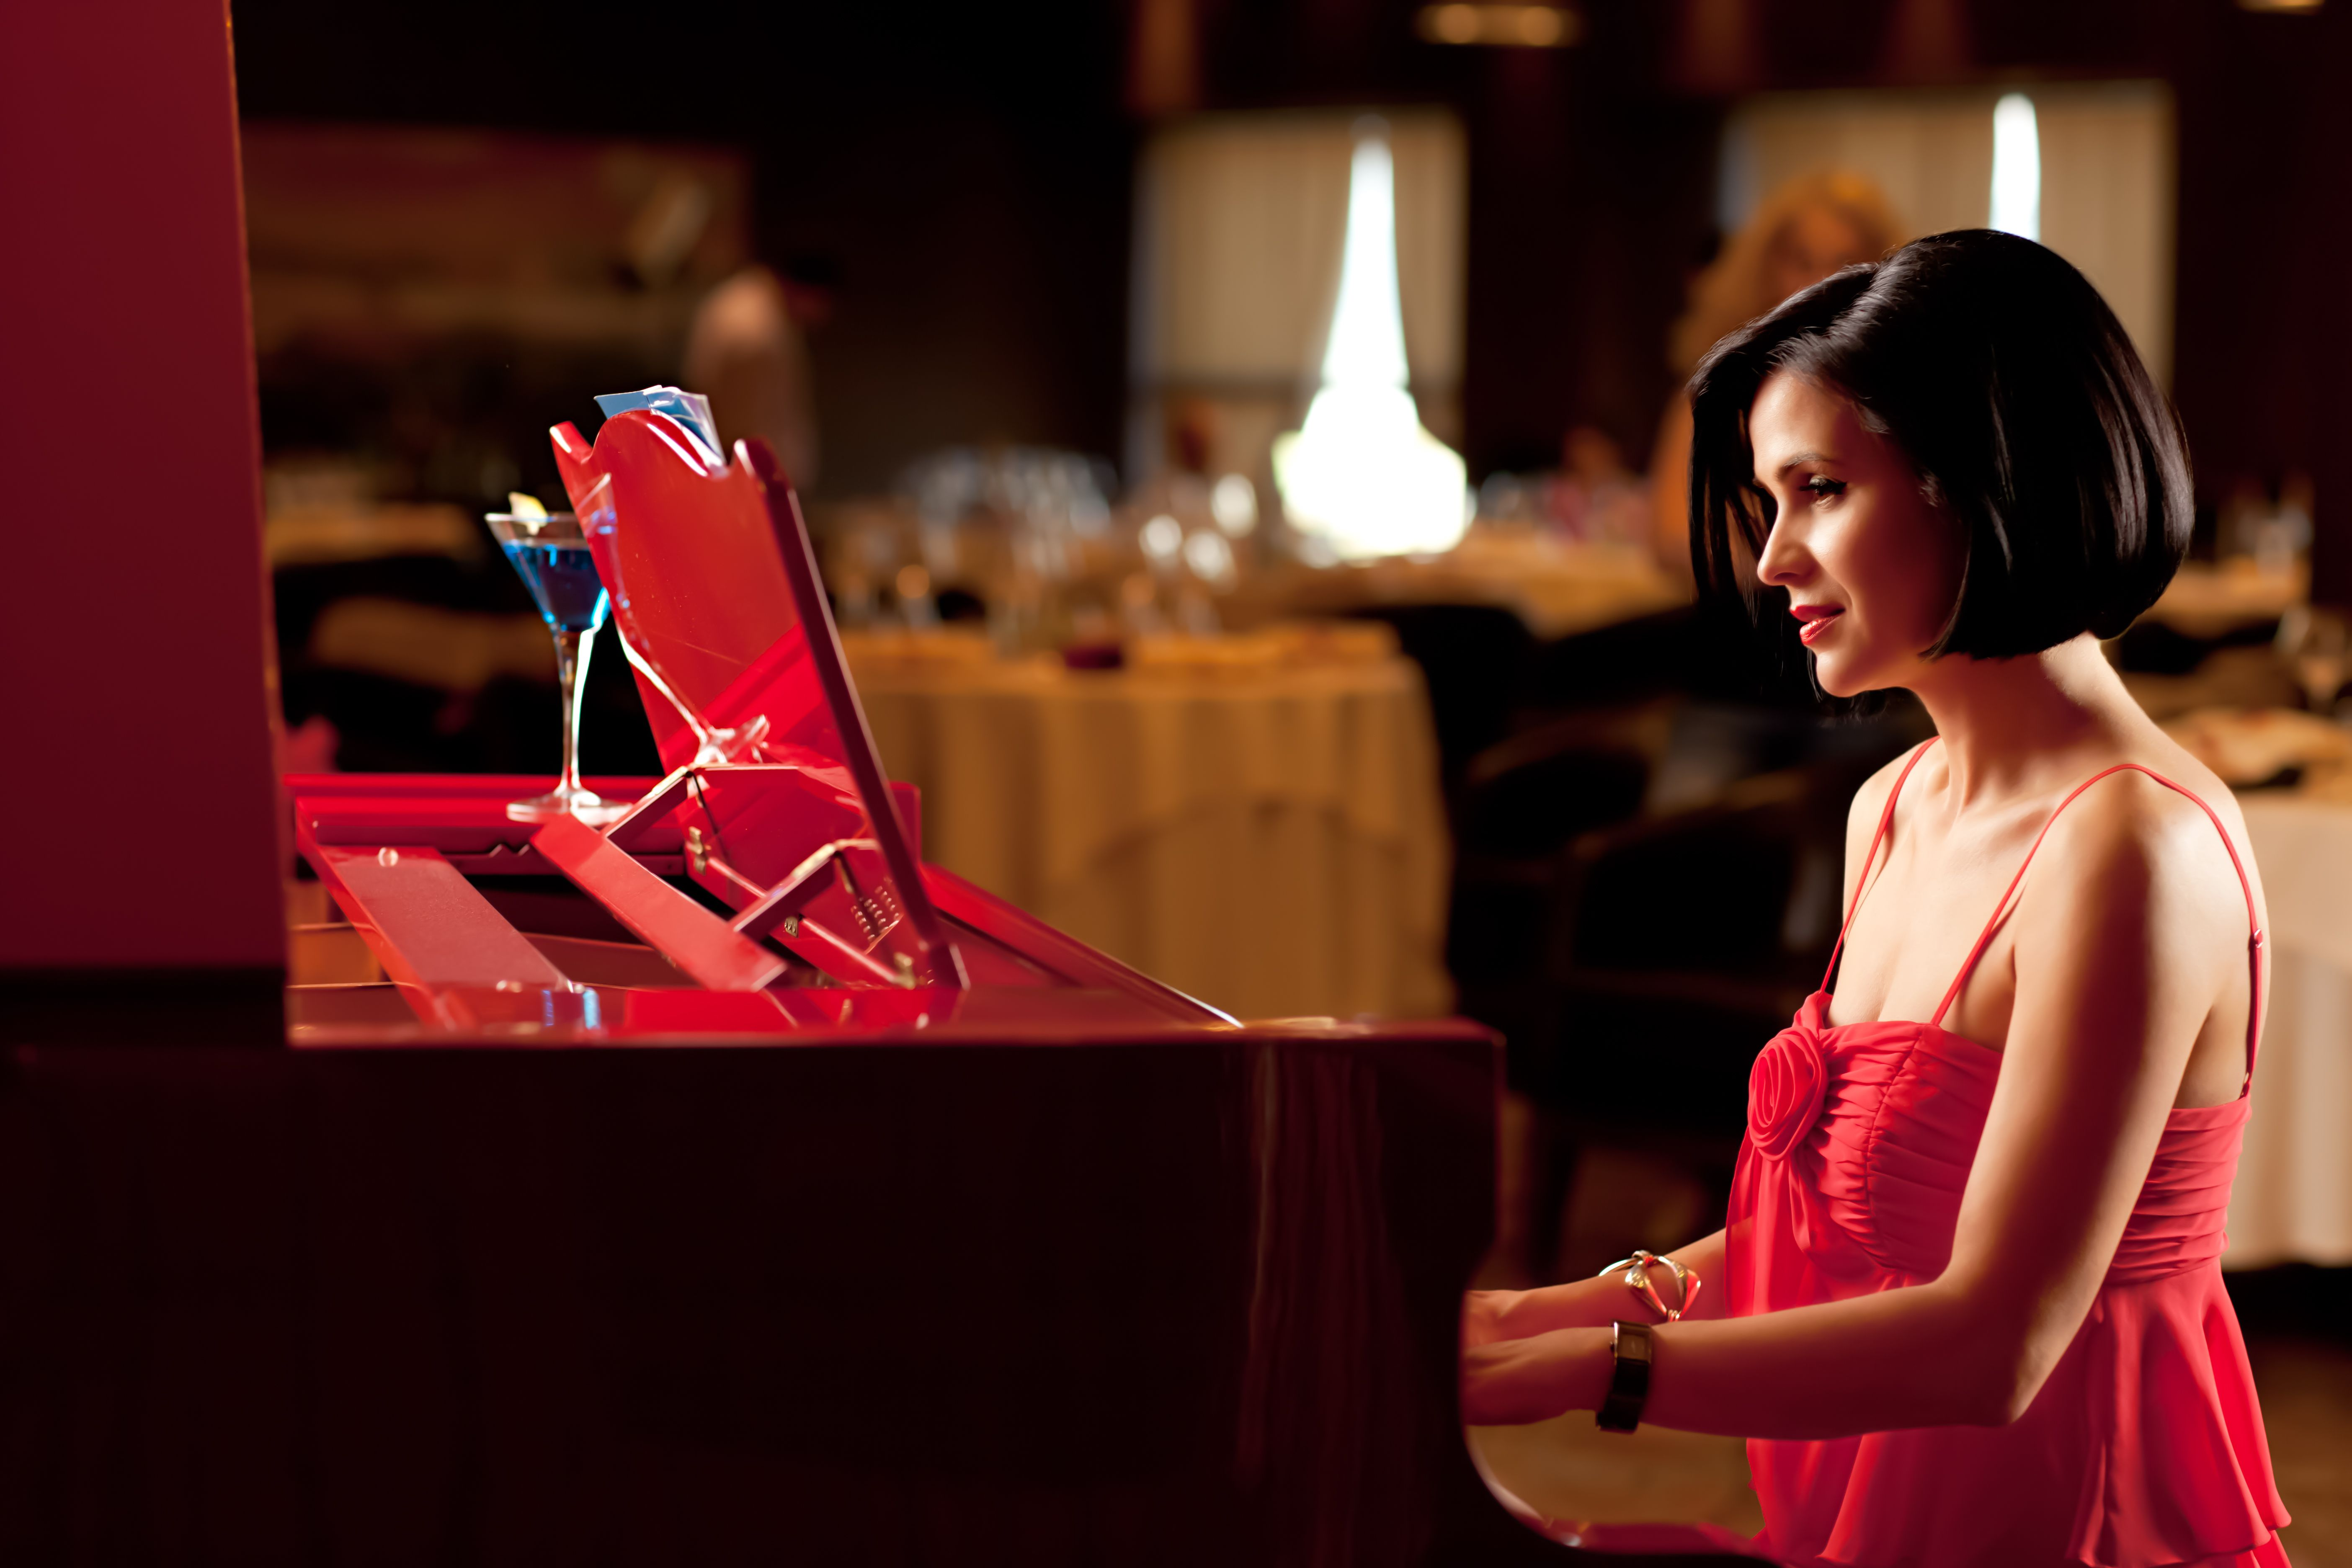 beautiful brunette woman red dress playing piano